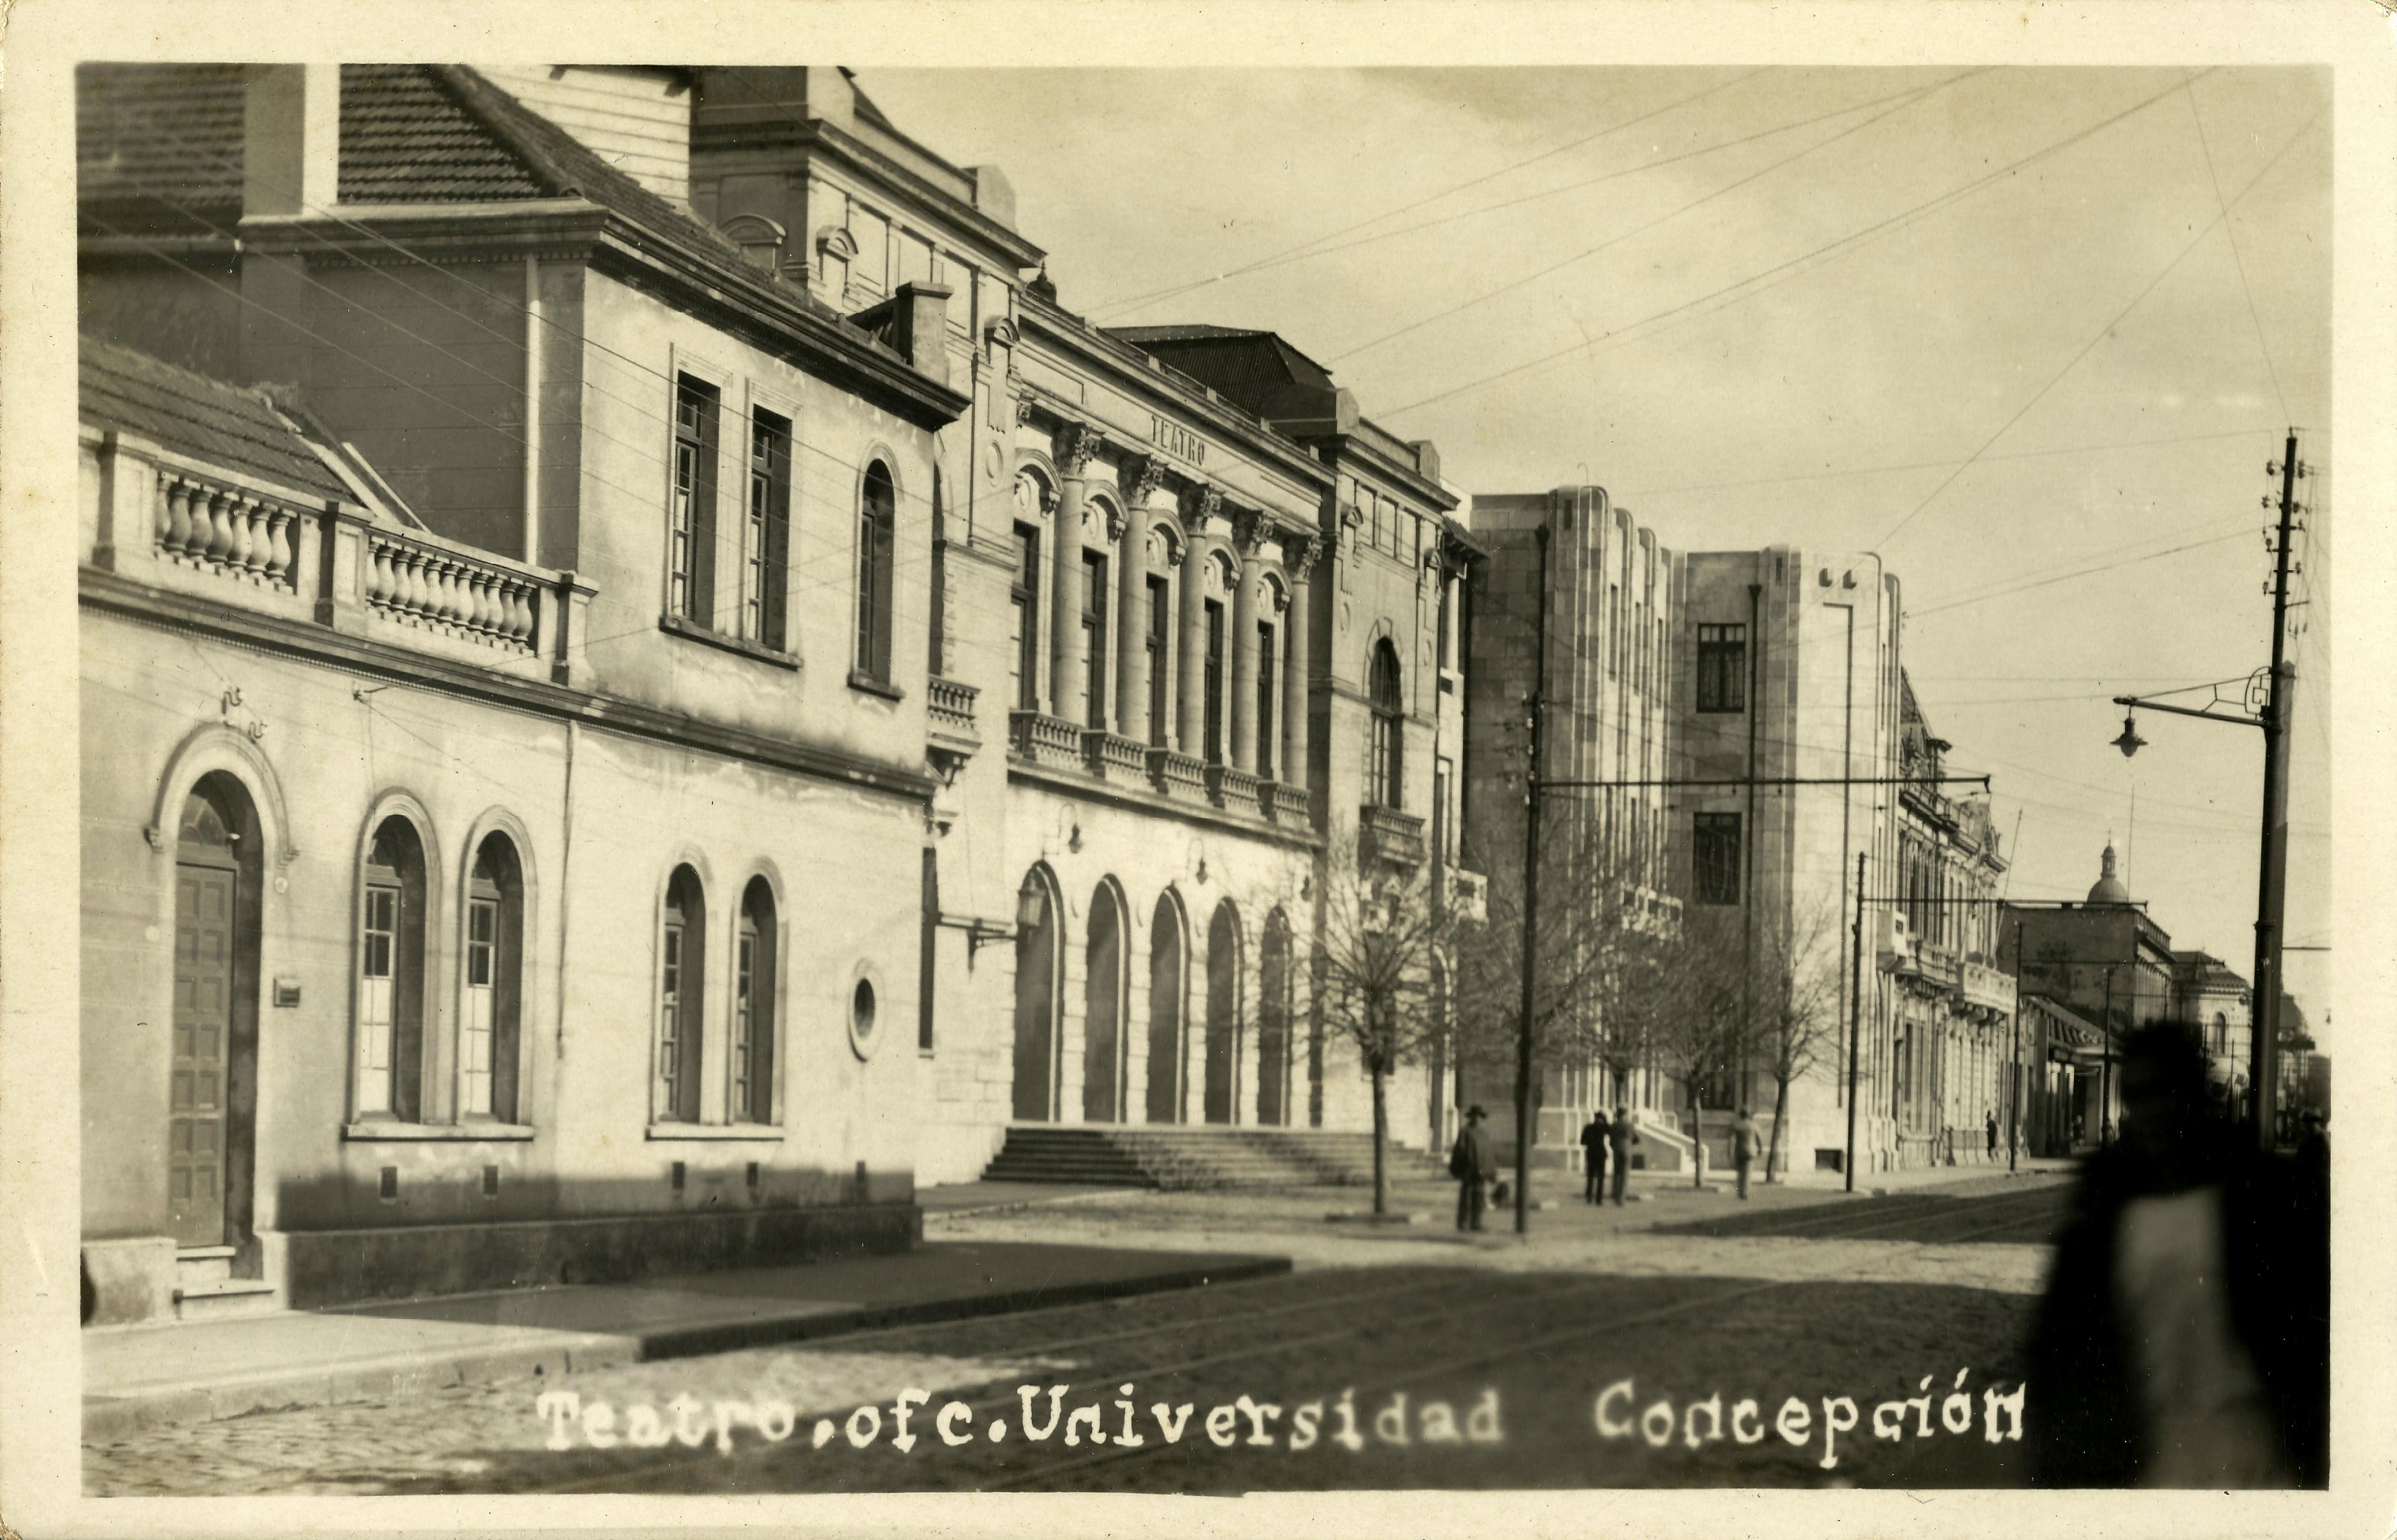 Enterreno - Fotos históricas de chile - fotos antiguas de Chile - Teatro Concepción y oficinas de la Universidad de Concepción en 1935